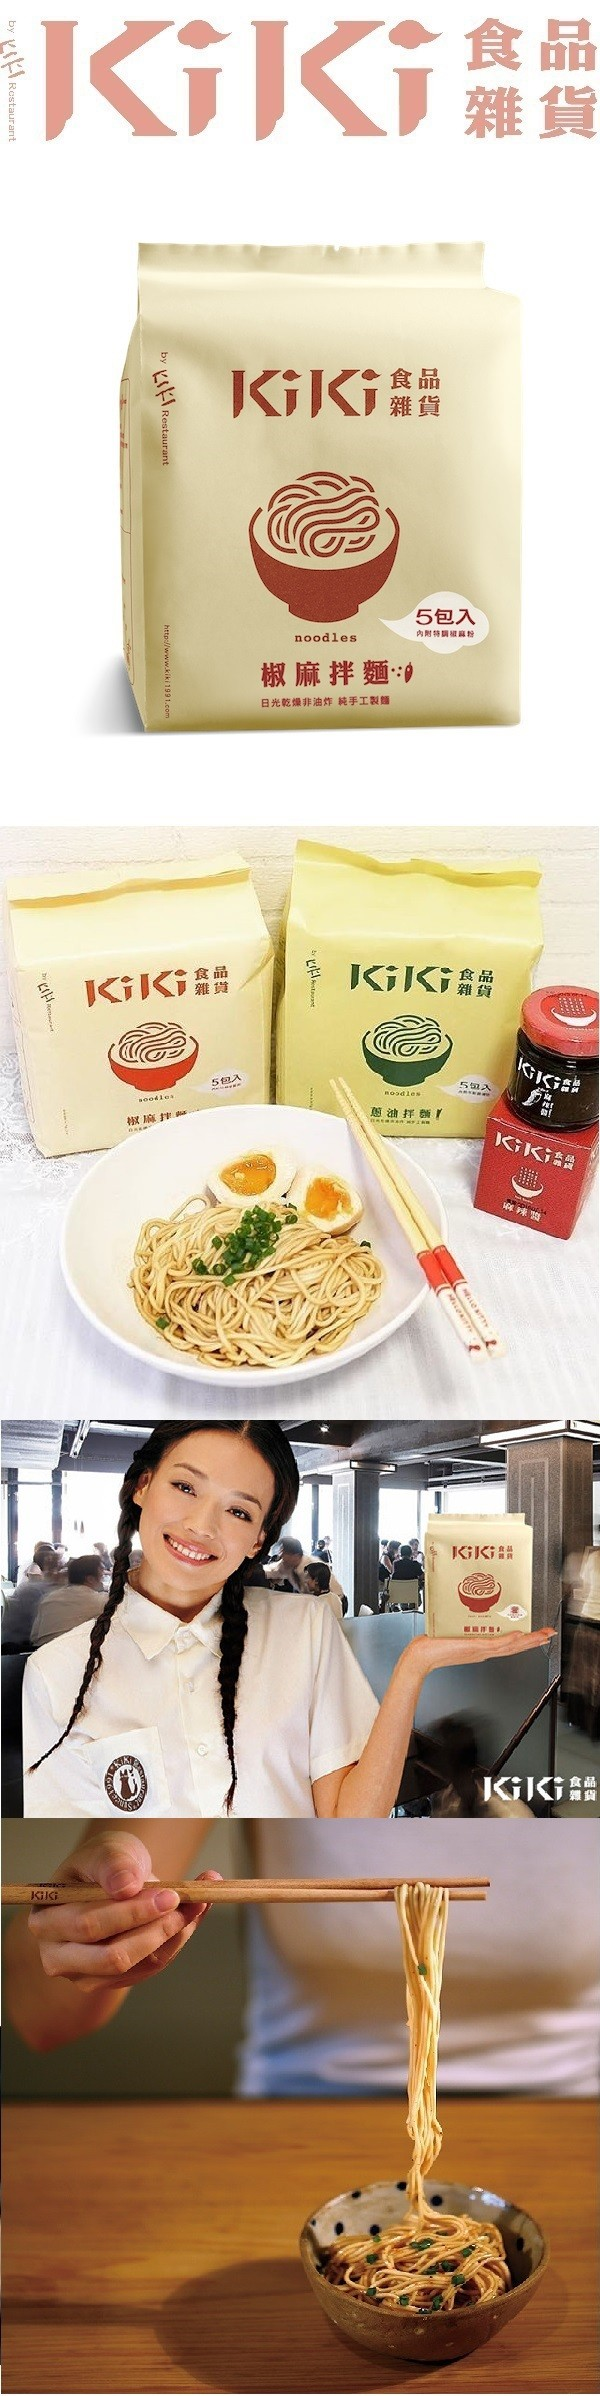 [台湾直邮] KIKI食品杂货 椒麻拌面 450g